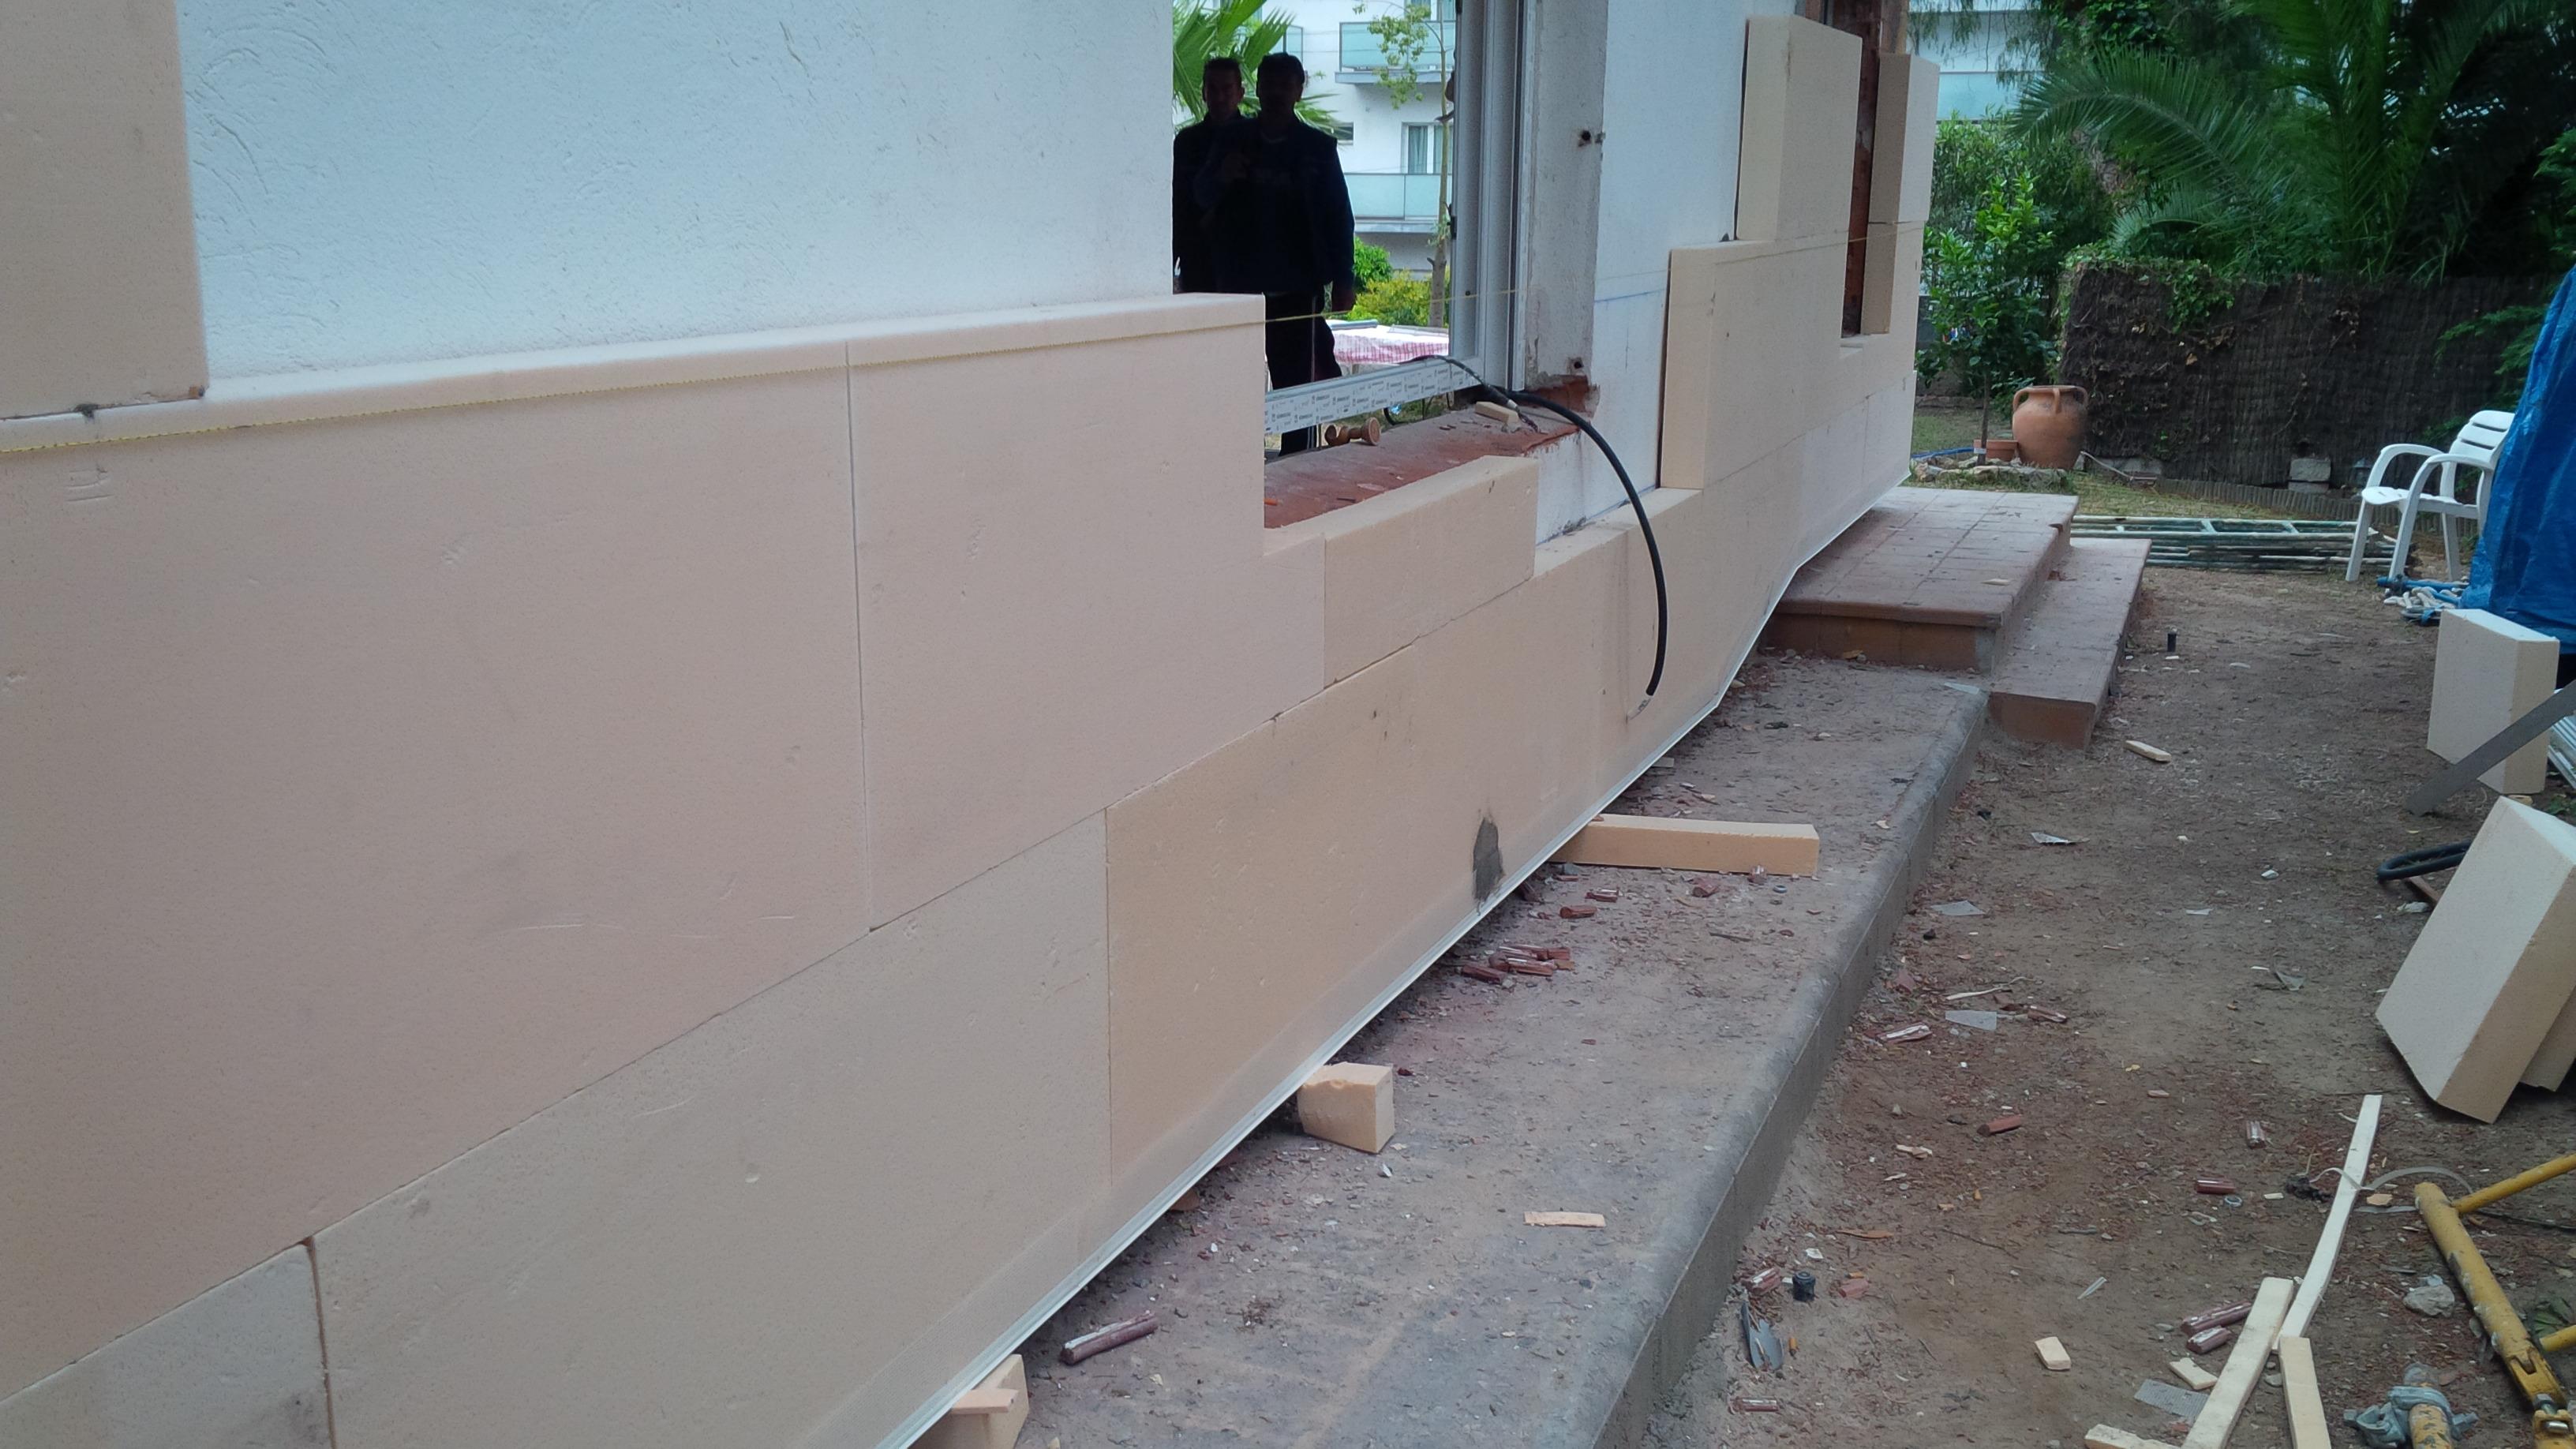 Rehabilitaci n de viviendas con poliestireno extruido xps for Aislamiento termico poliestireno extruido